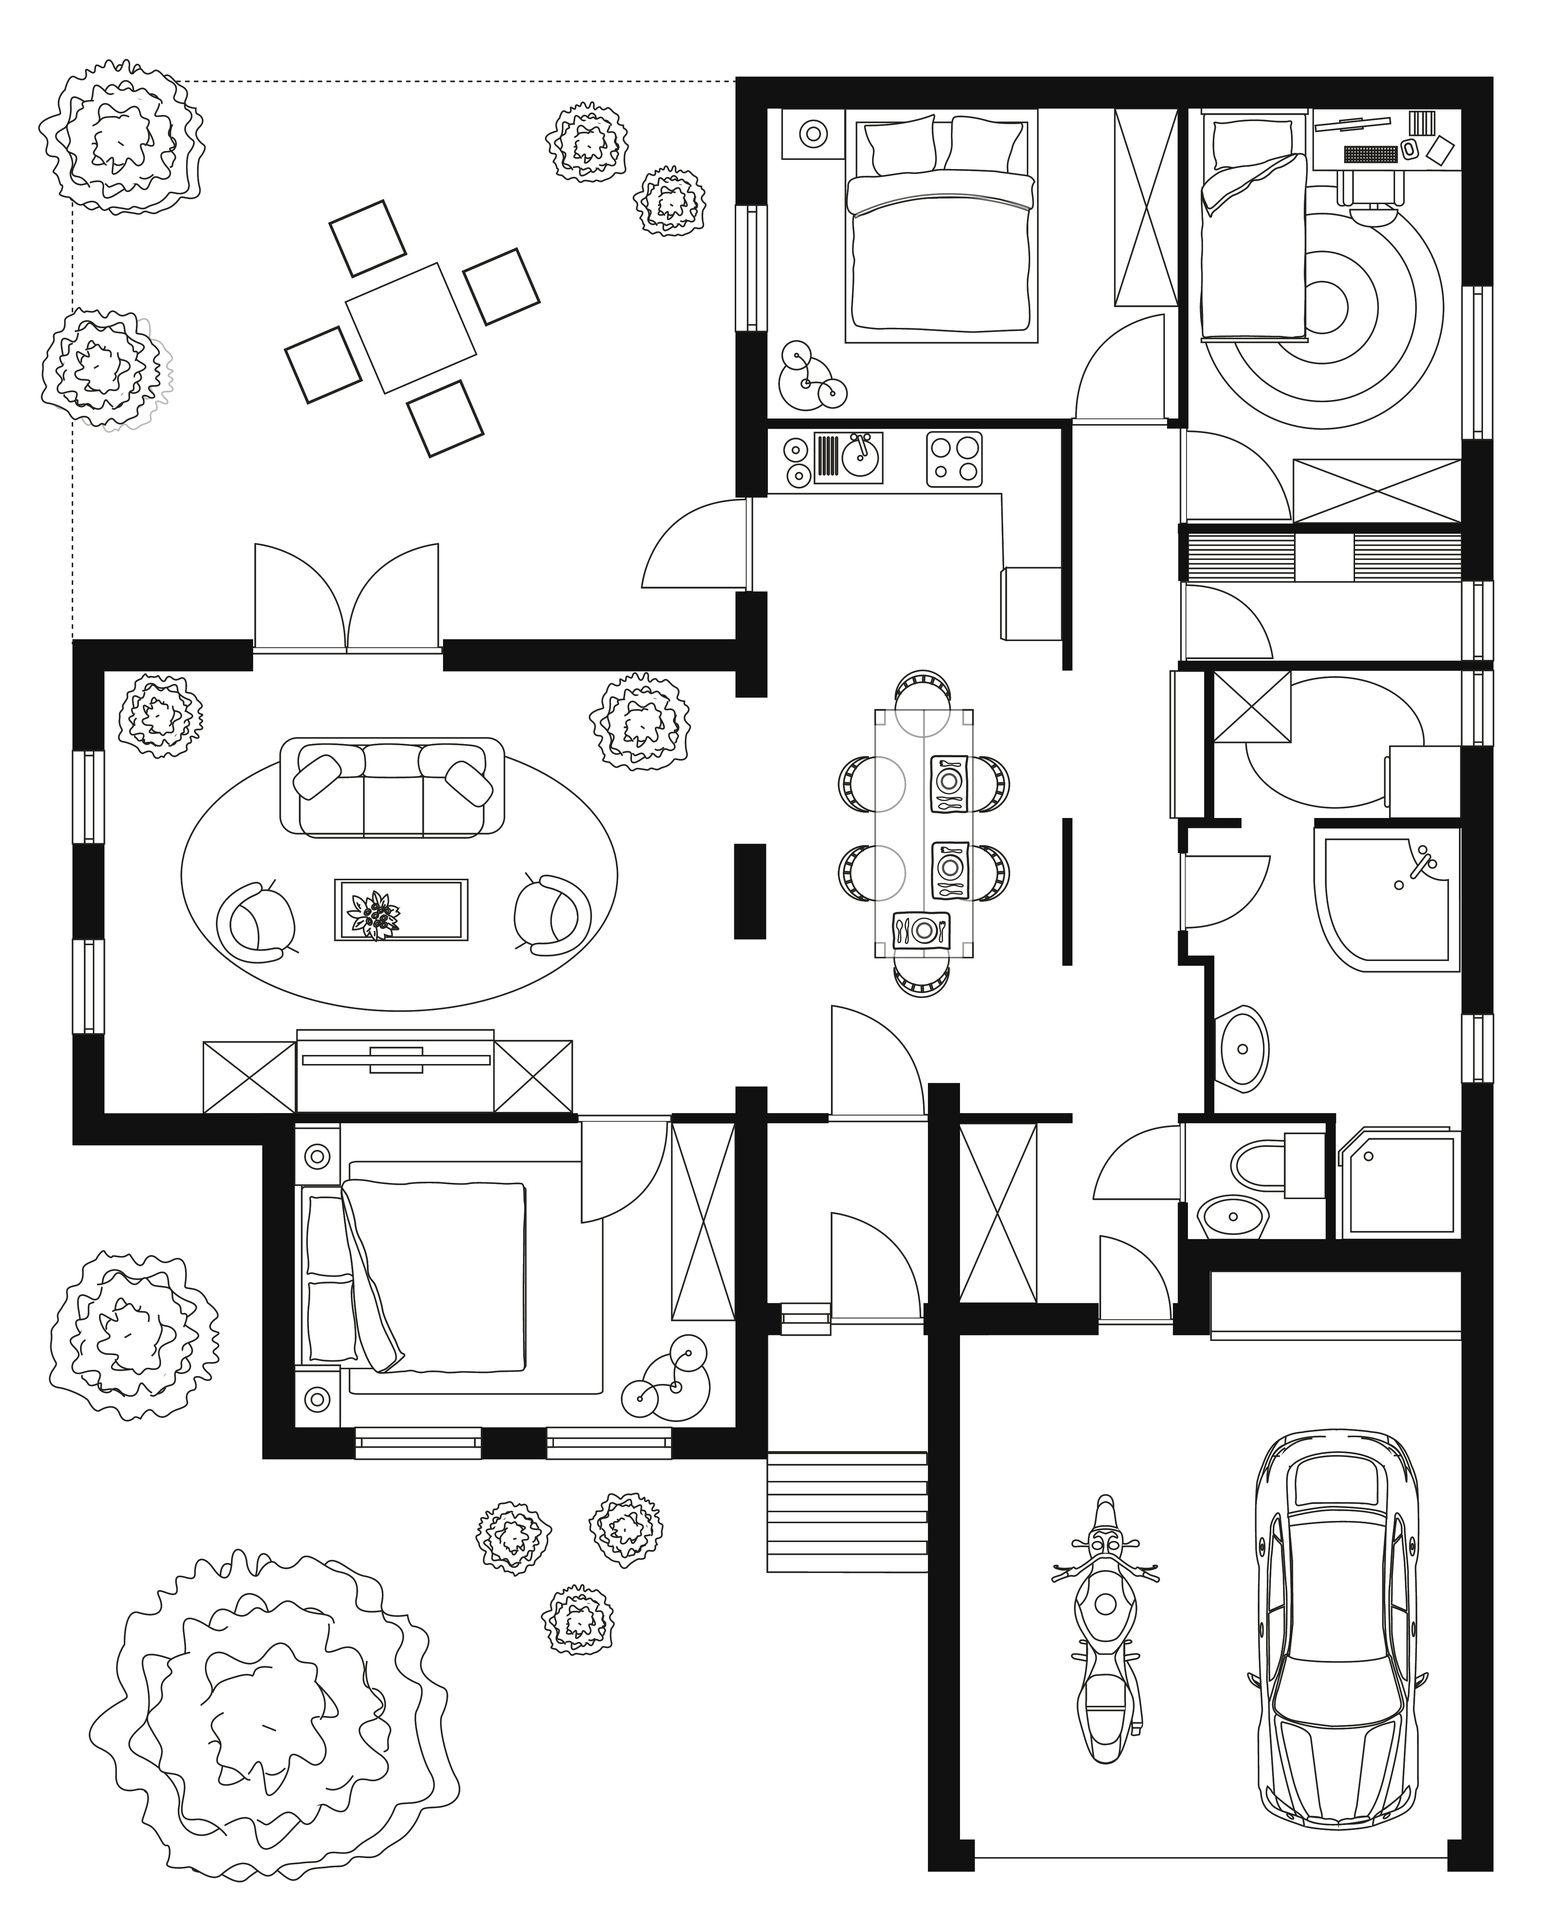 Logiciel Pour Plan De Maison Sketchup La Modelisation 3d Accessible A Tous Logiciel Plan Maison Plan Maison Plan De Maison